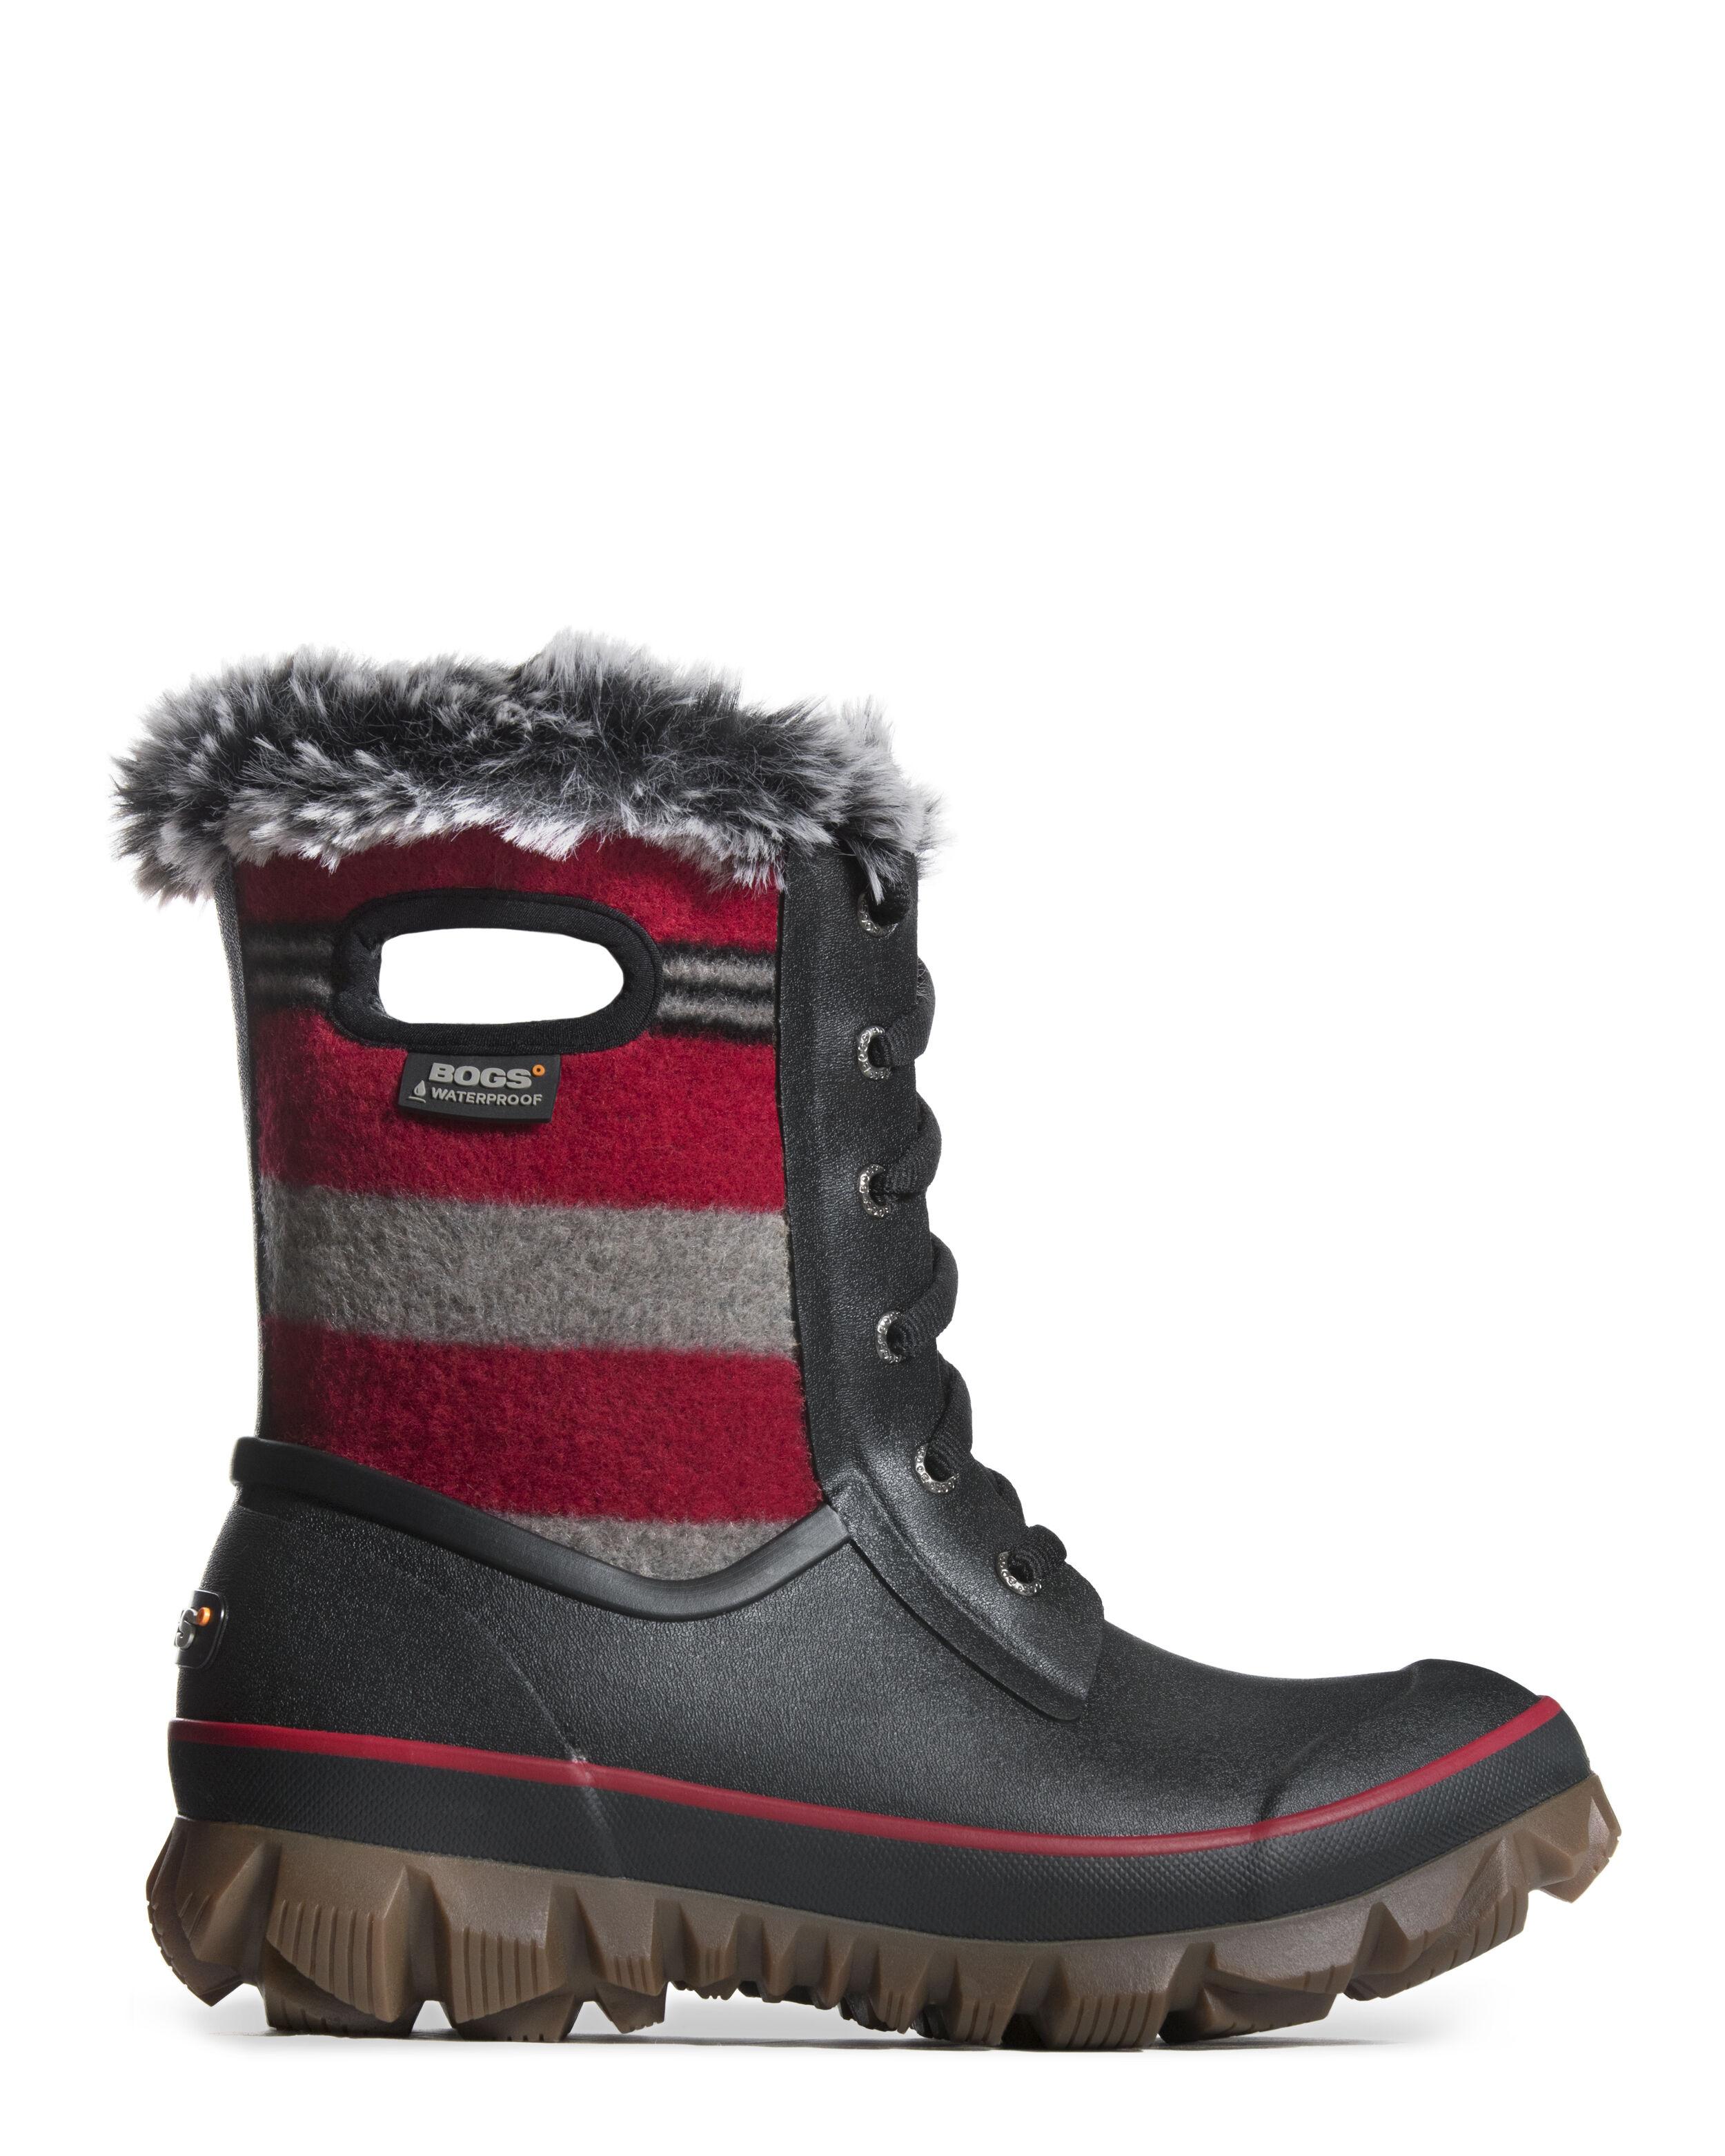 Women's Bogs Footwear Arcata Lace Stripe Winter Boots Red Multi